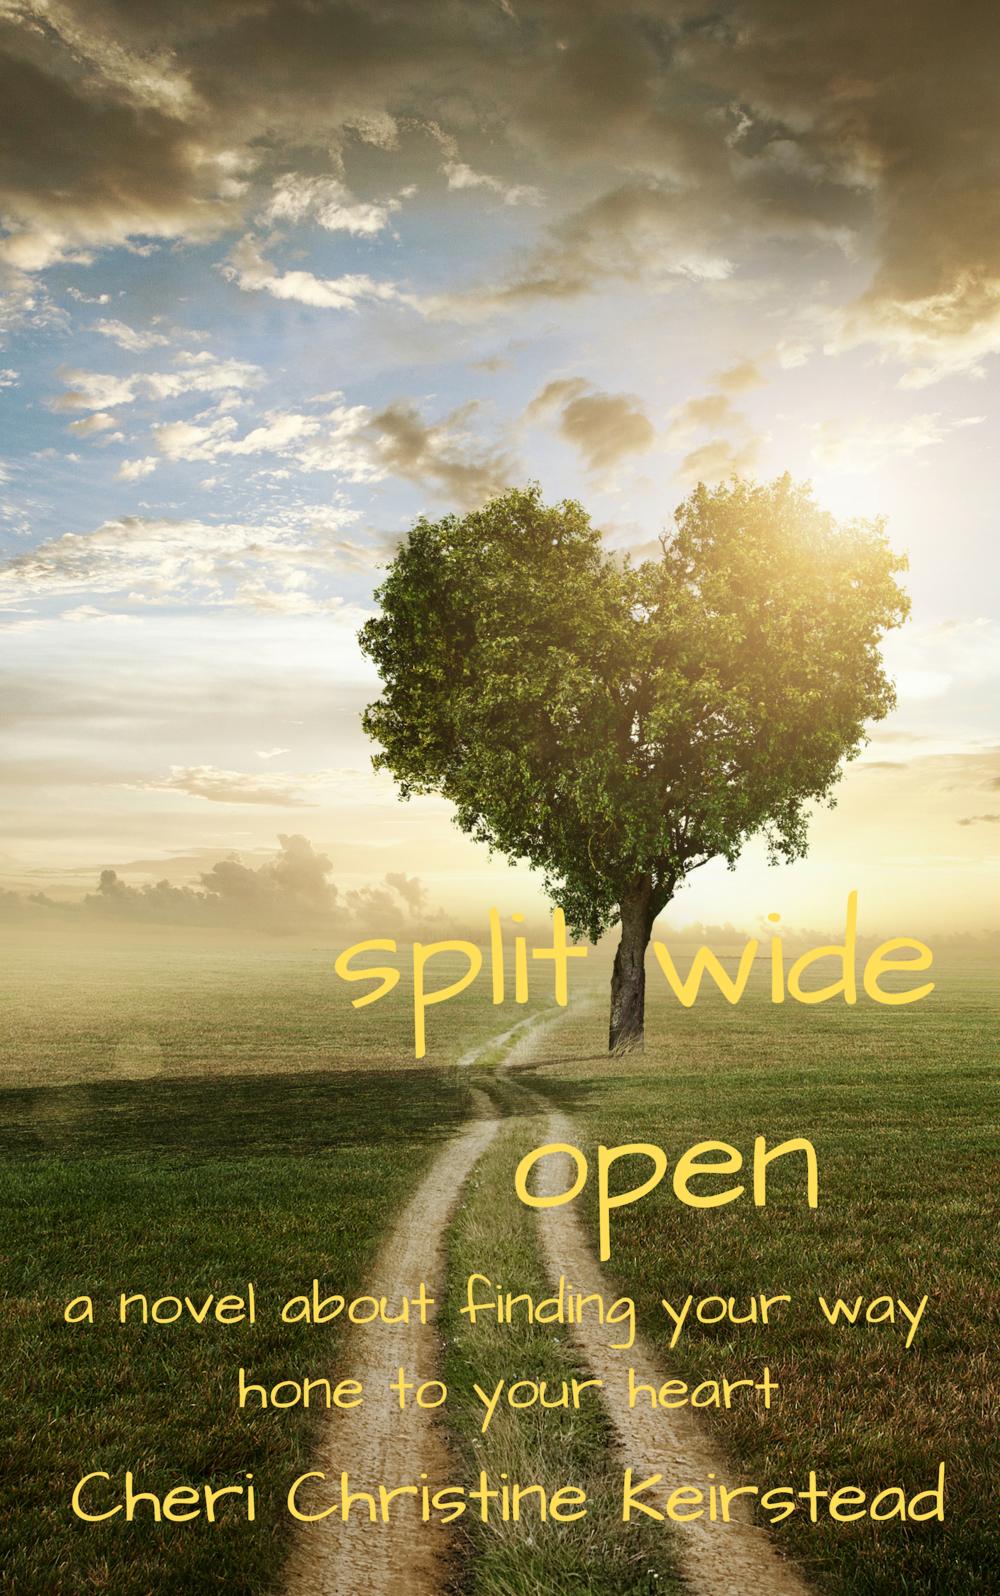 Split wide open.png